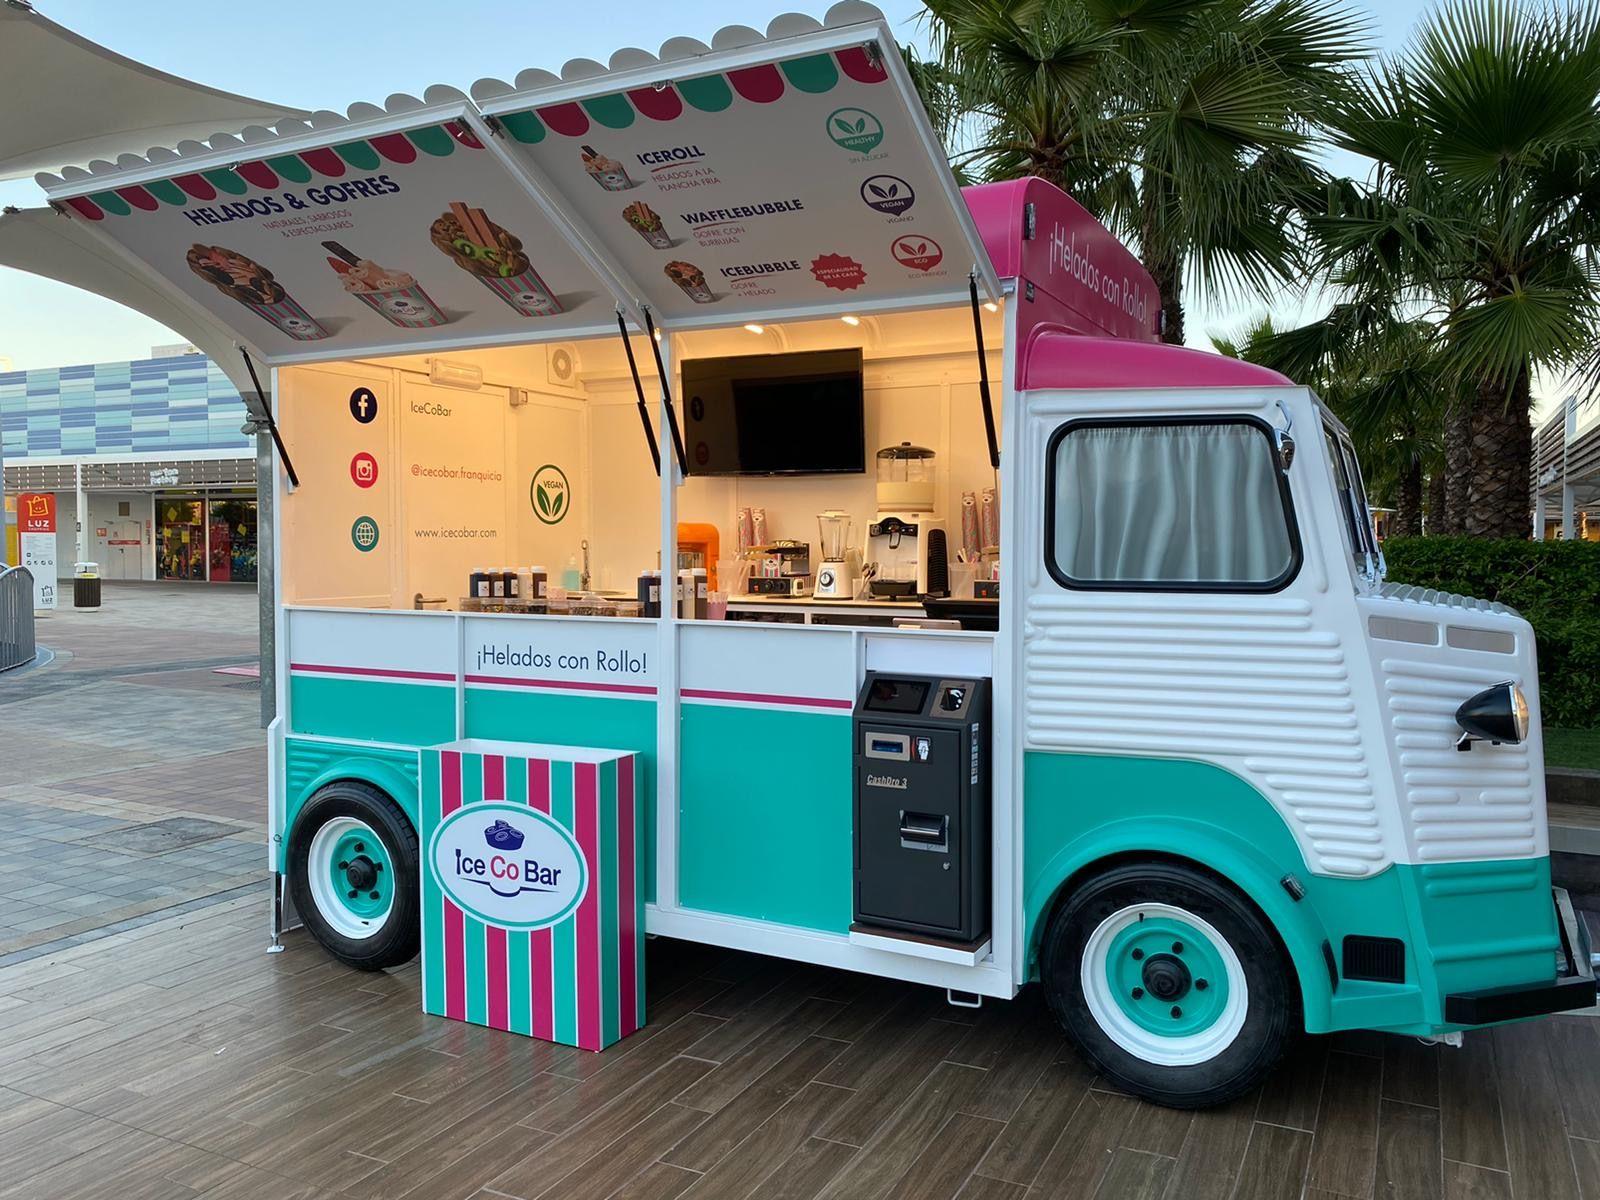 La cadena IceCoBar impulsa el crecimiento de su modelo Food Truck